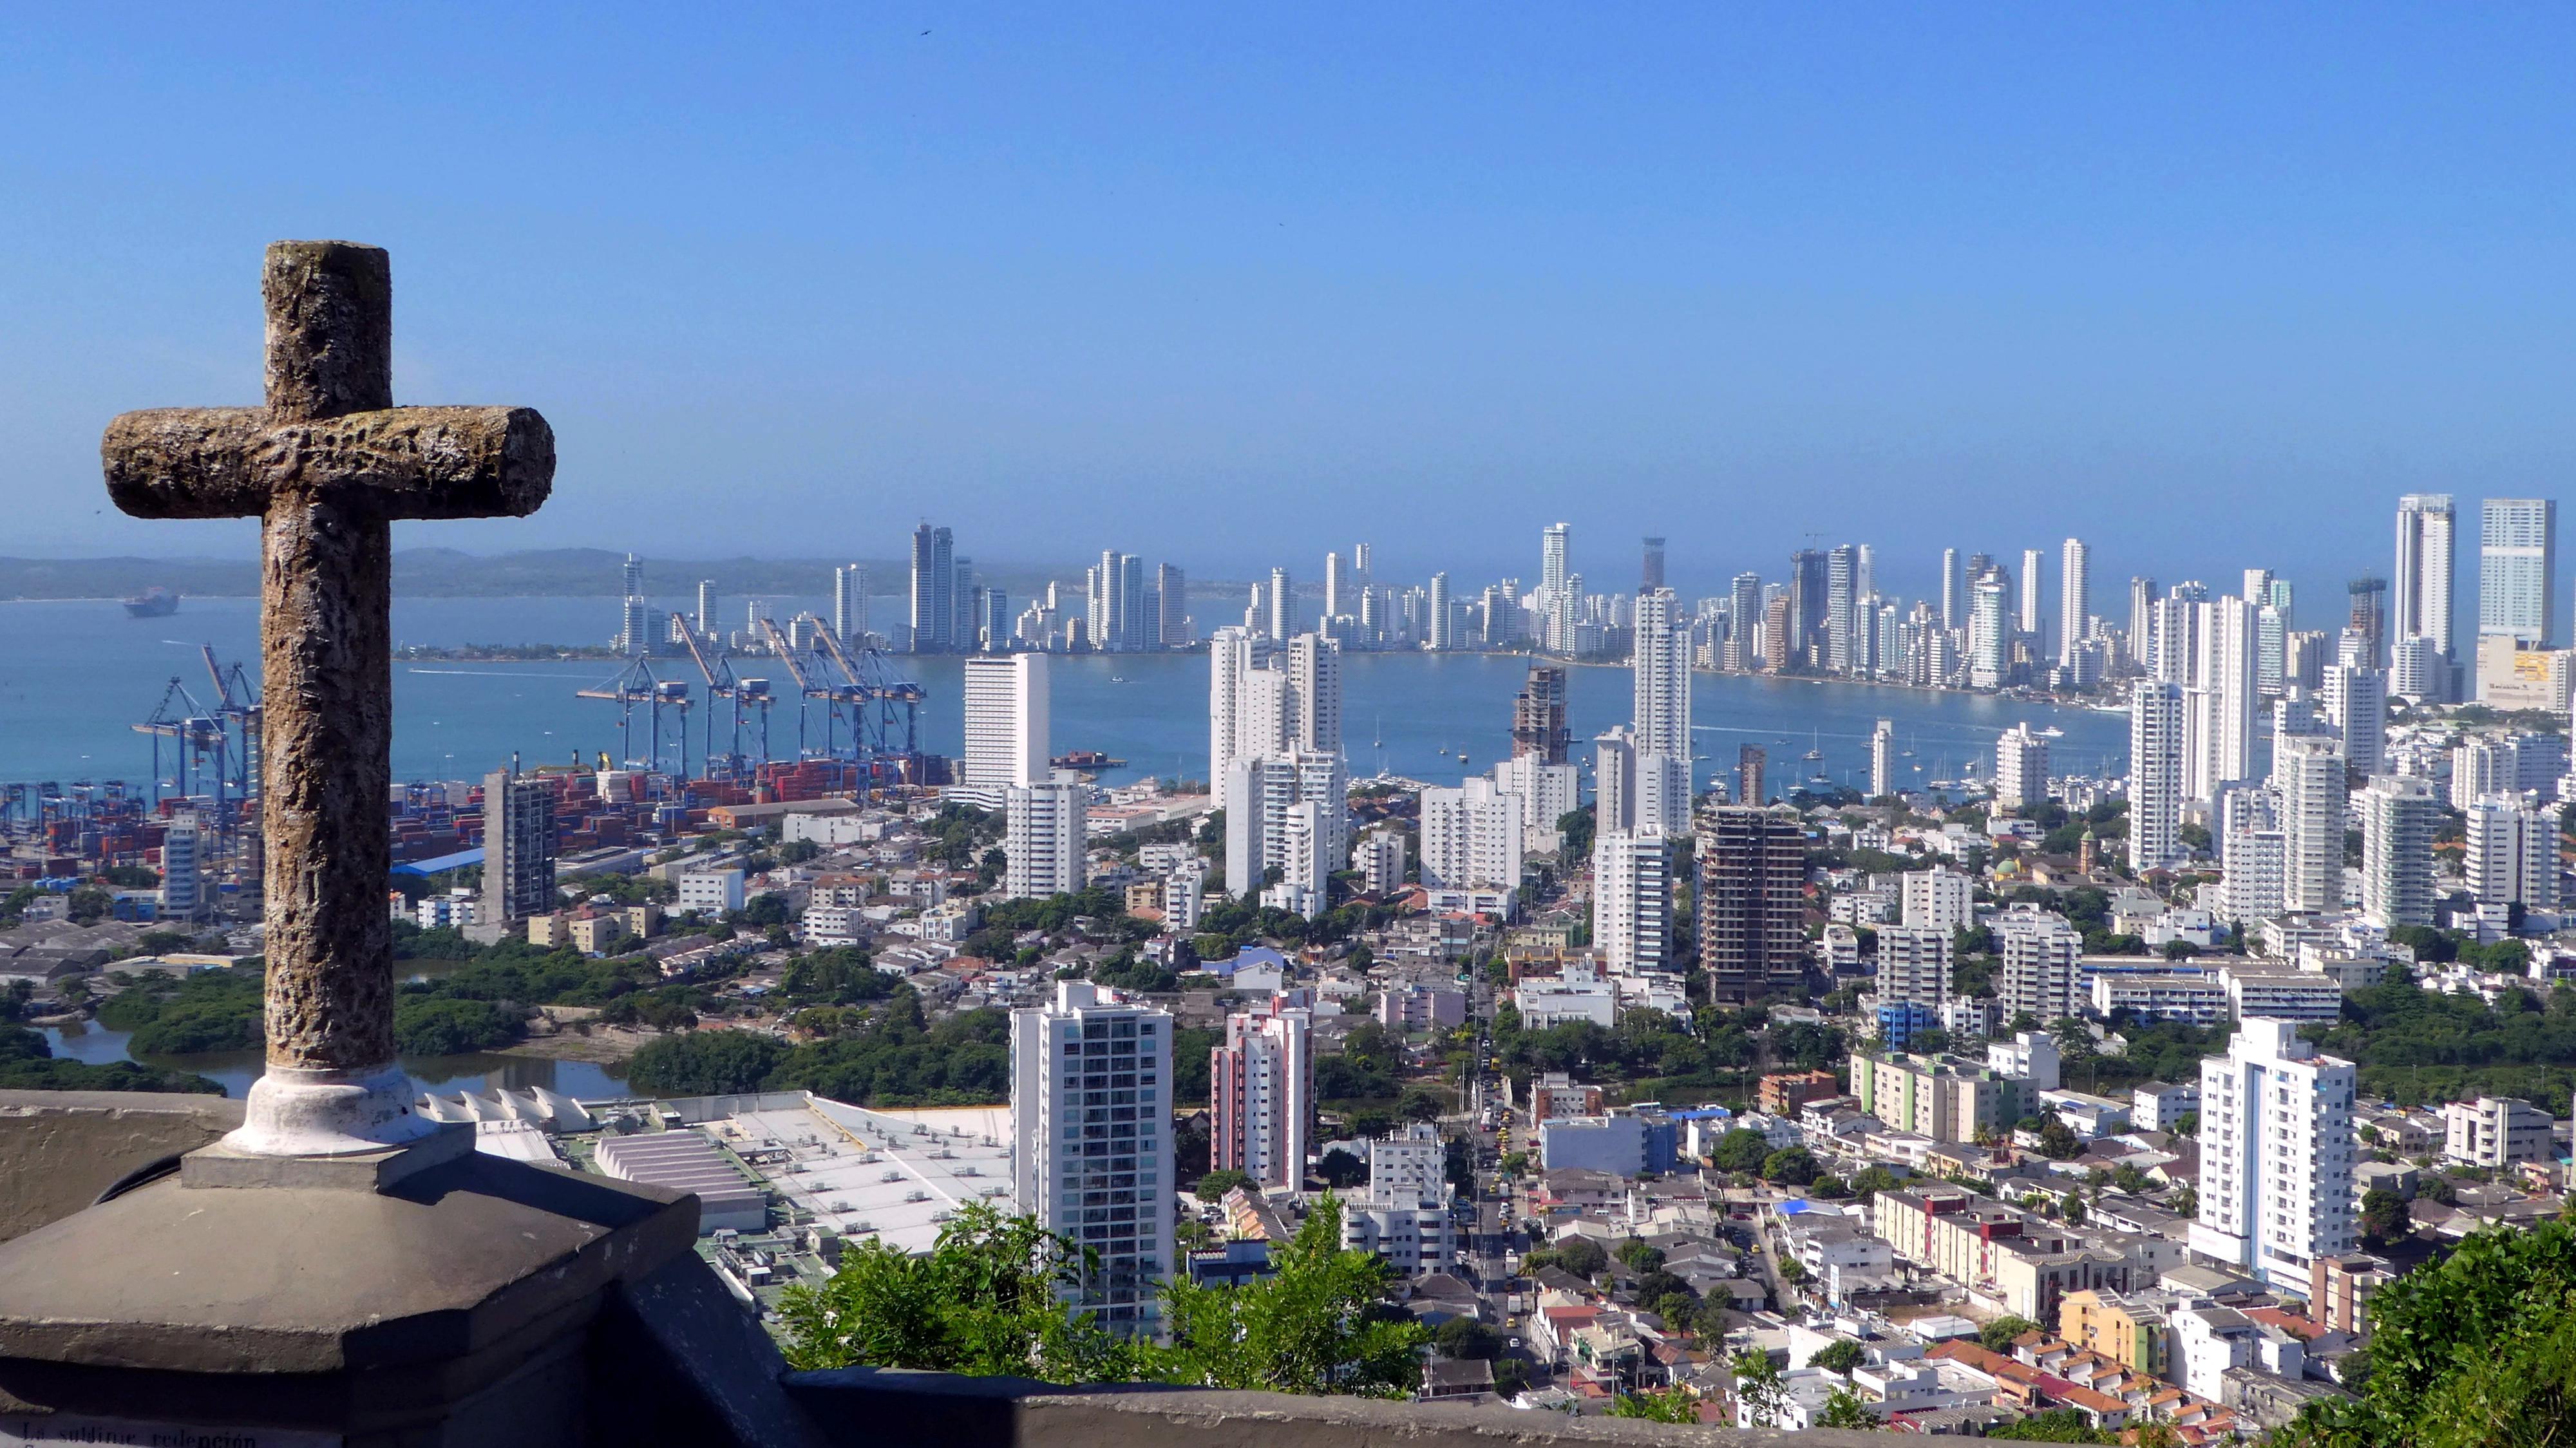 Ansicht der Stadt Cartagena an der kolumbianischen Karibikküste